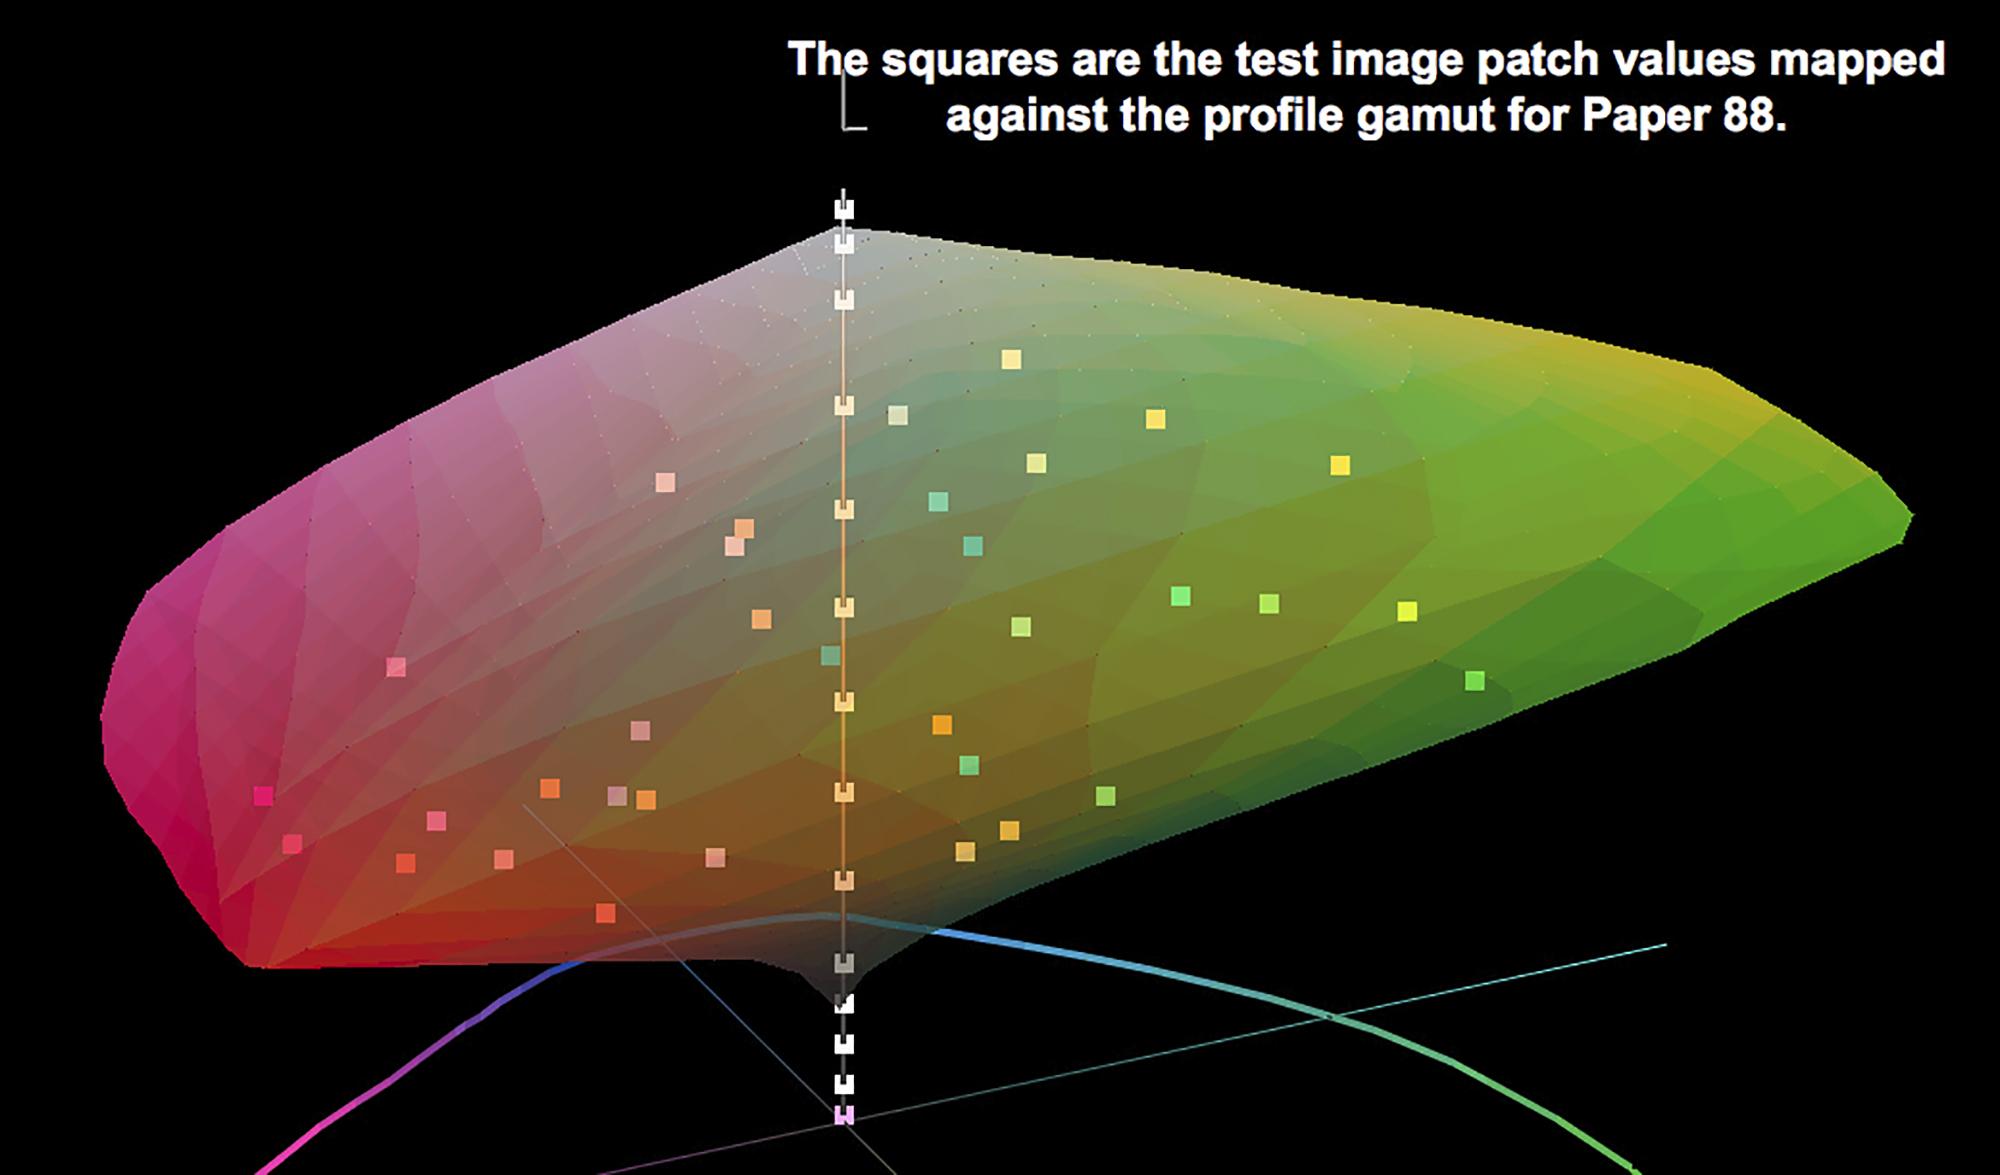 Figure 6. Paper 88 gamut versus test chart patch colours